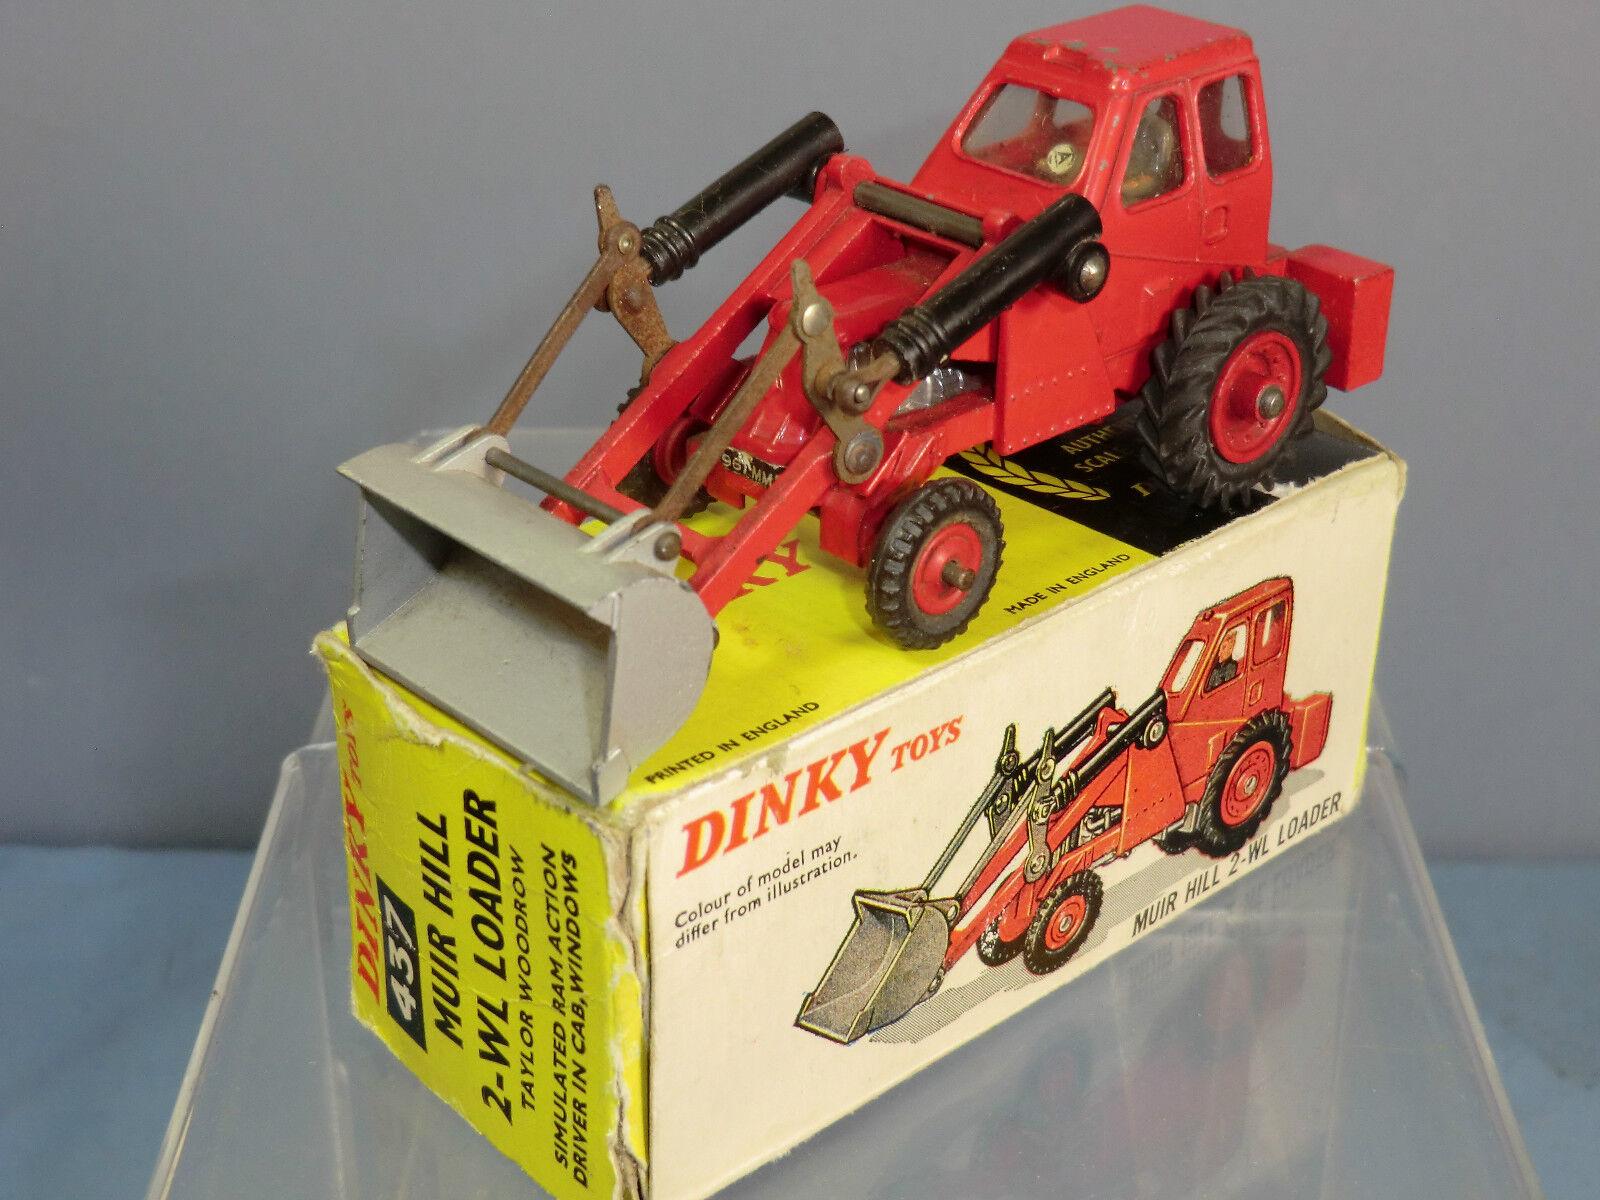 DINKY TOY  No.437  Muir Hill   2 wl loader  taylor boisrow  (Rouge) VN En parfait état, dans sa boîte  gros pas cher et de haute qualité